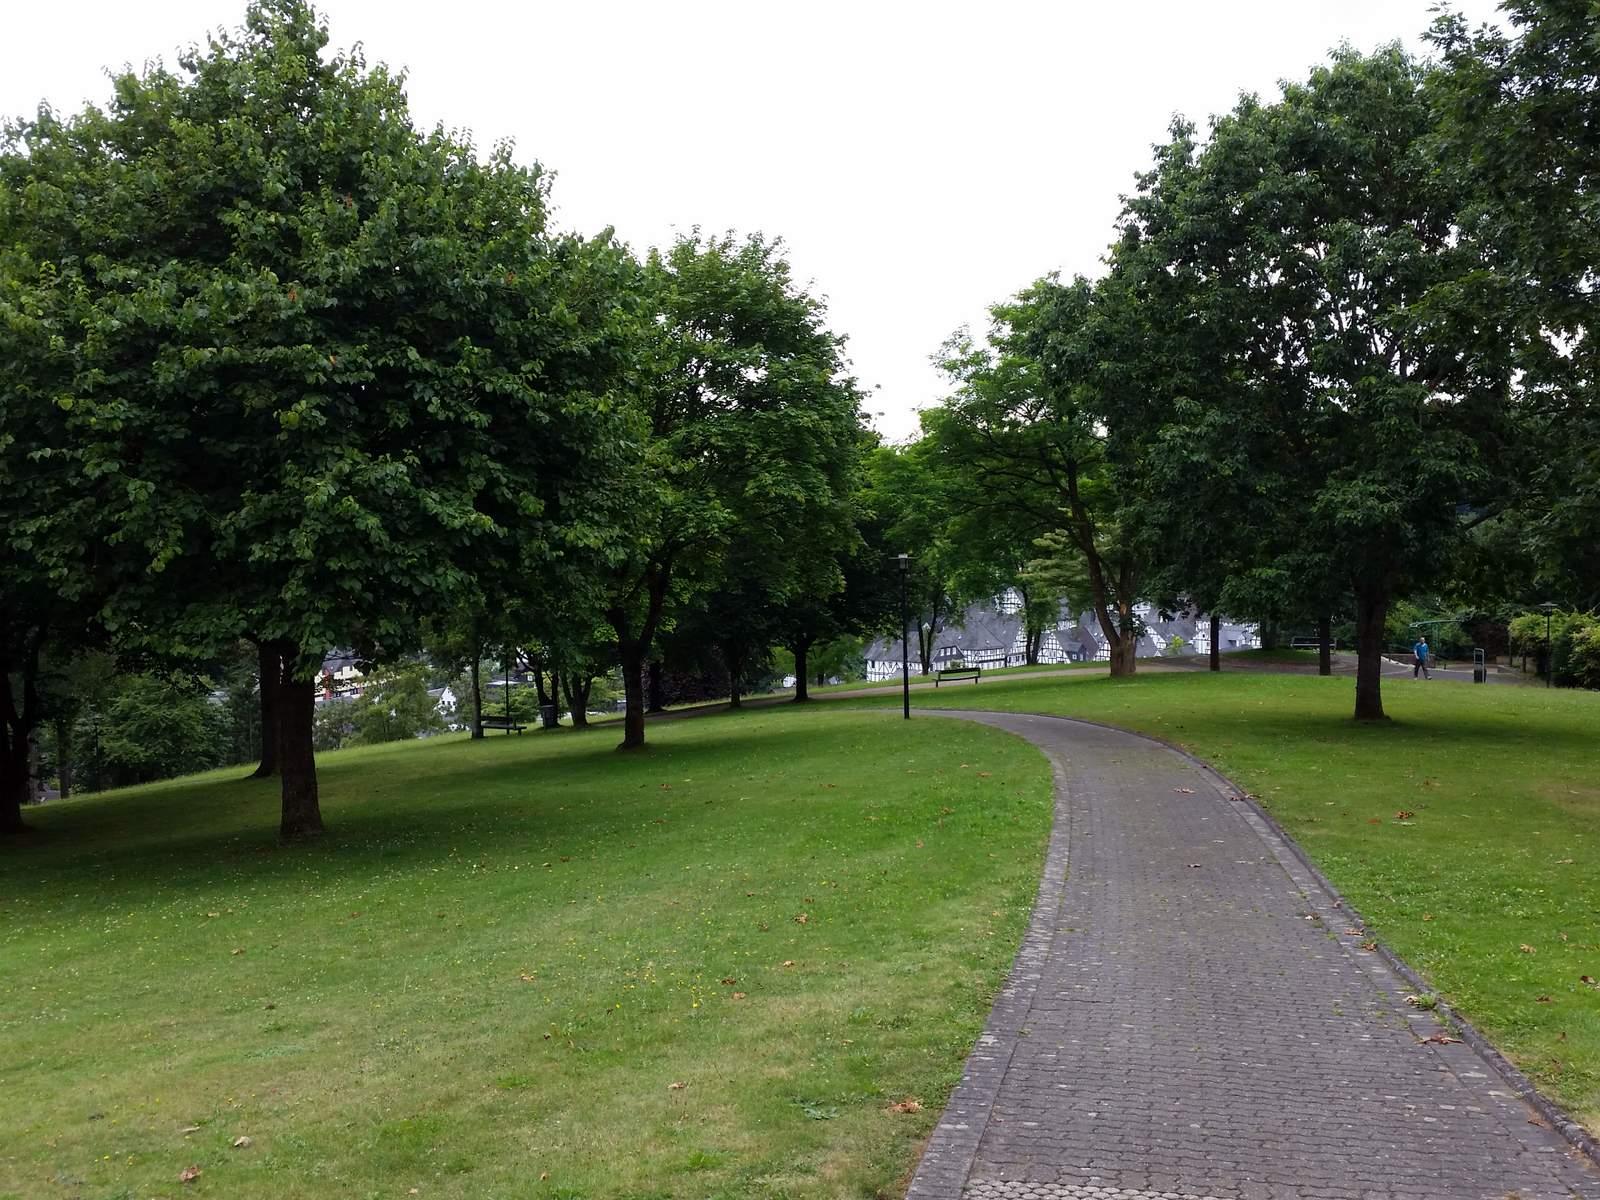 Antrag für kommunale Grünflächen einstimmig beschlossen